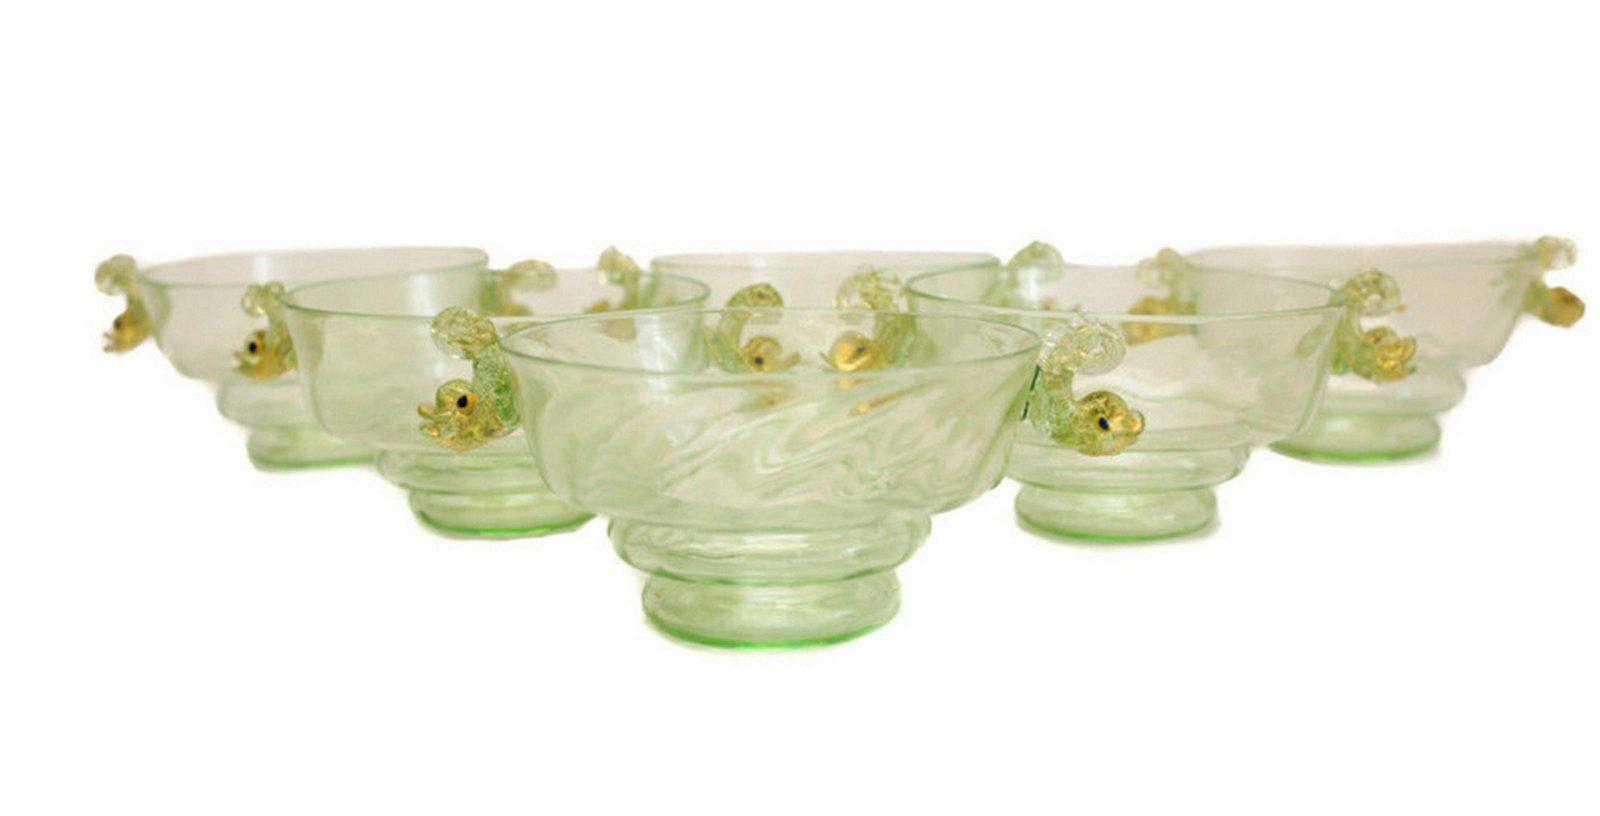 6 Venetian Green Art Glass Bowls